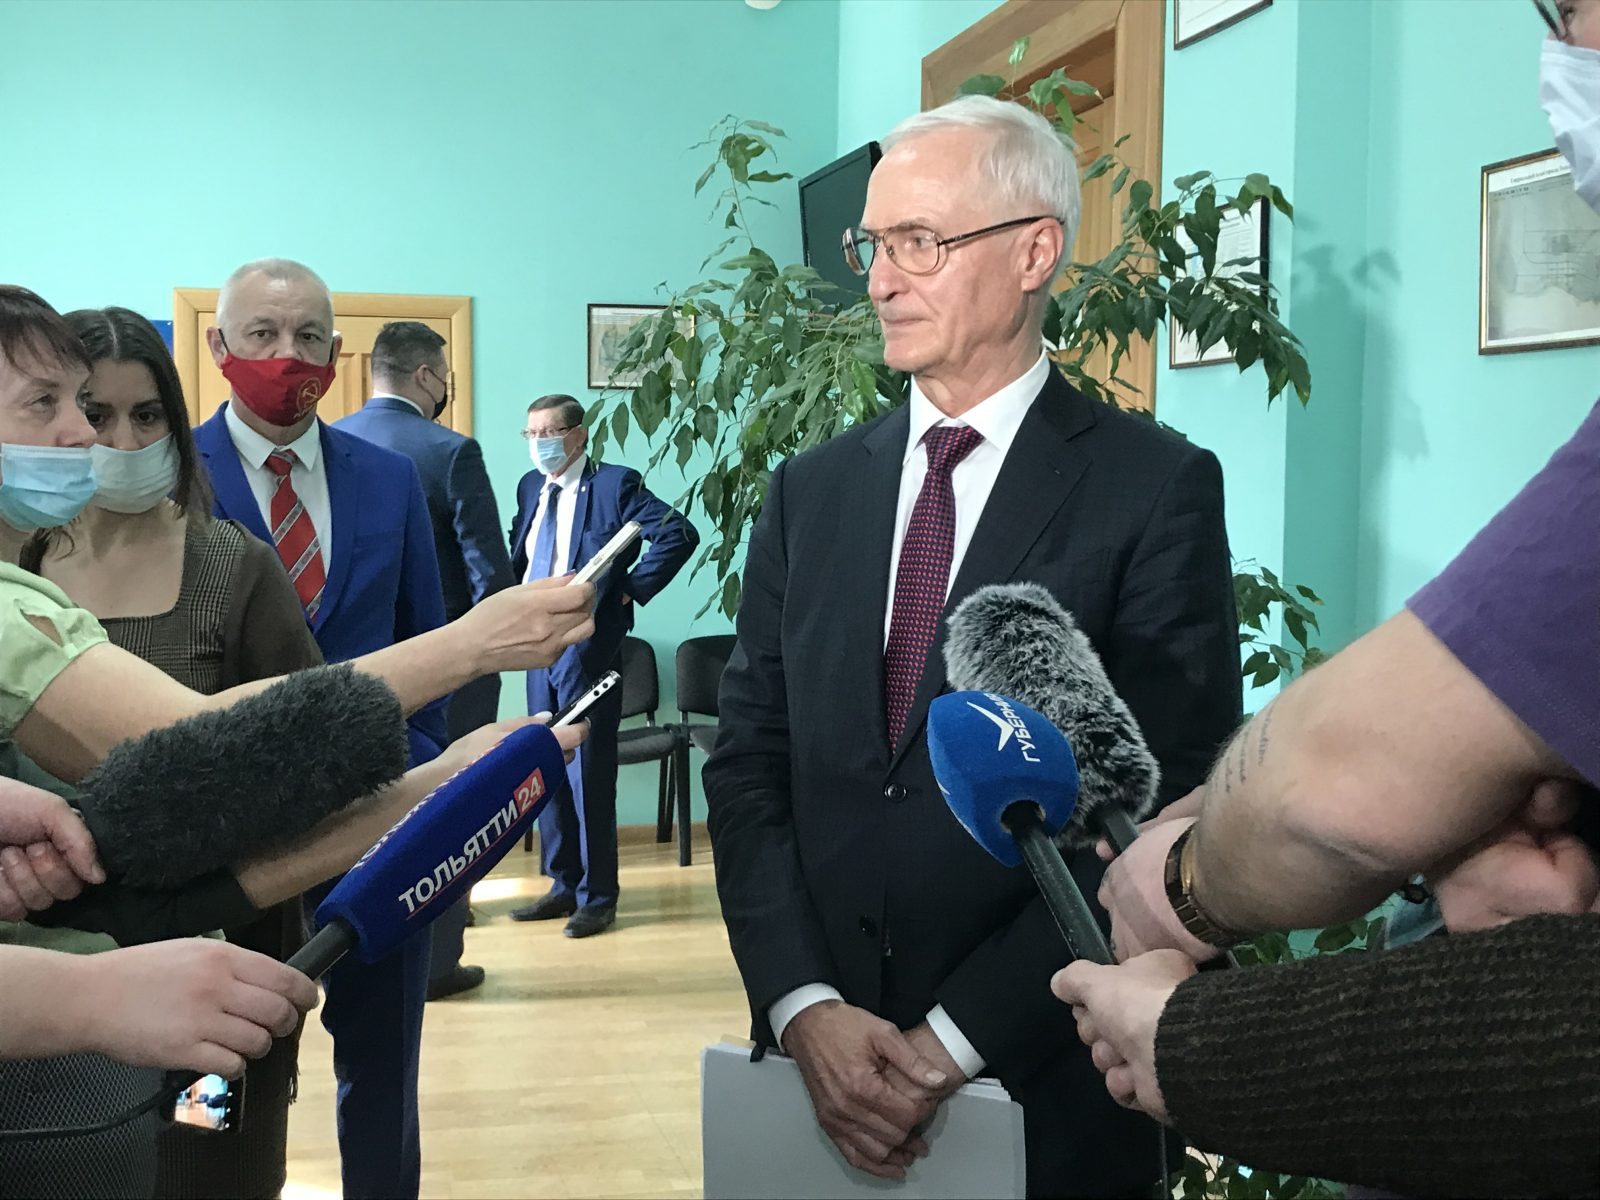 Главврач COVID-госпиталя стал новым мэром Тольятти